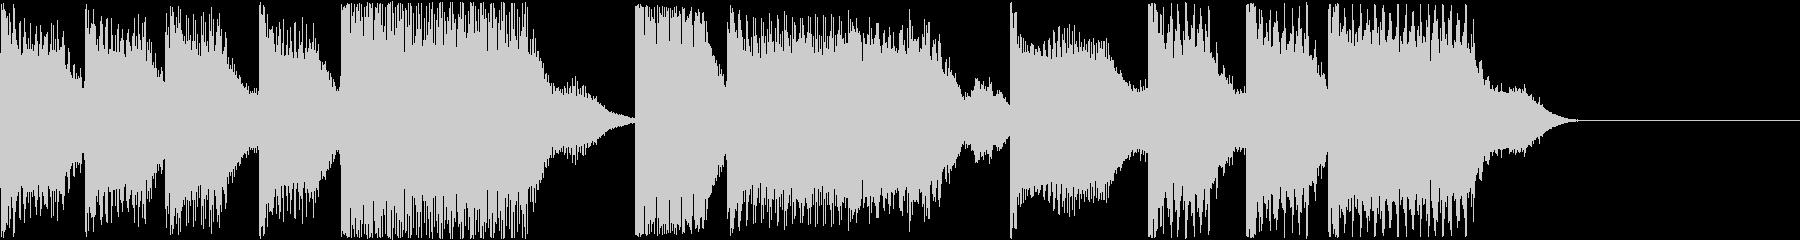 AI メカ/ロボ/マシン動作音 17の未再生の波形